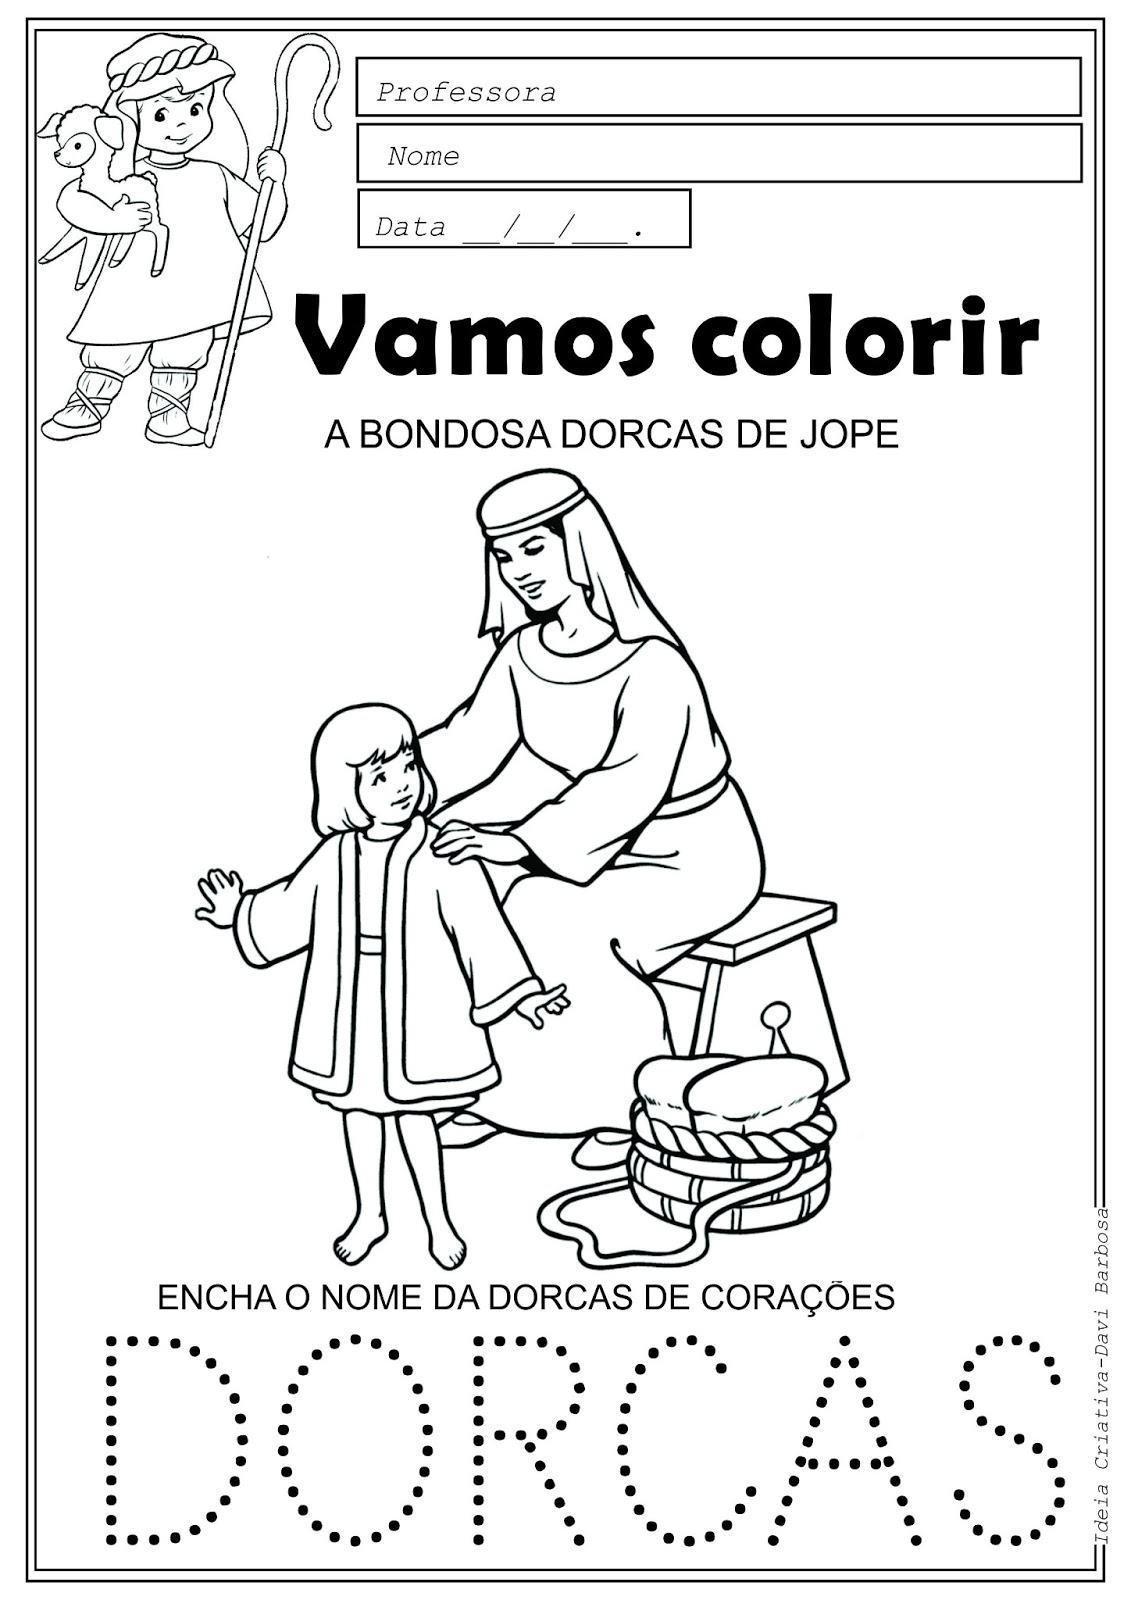 A bondosa dorcas de jope Desenho para colorir